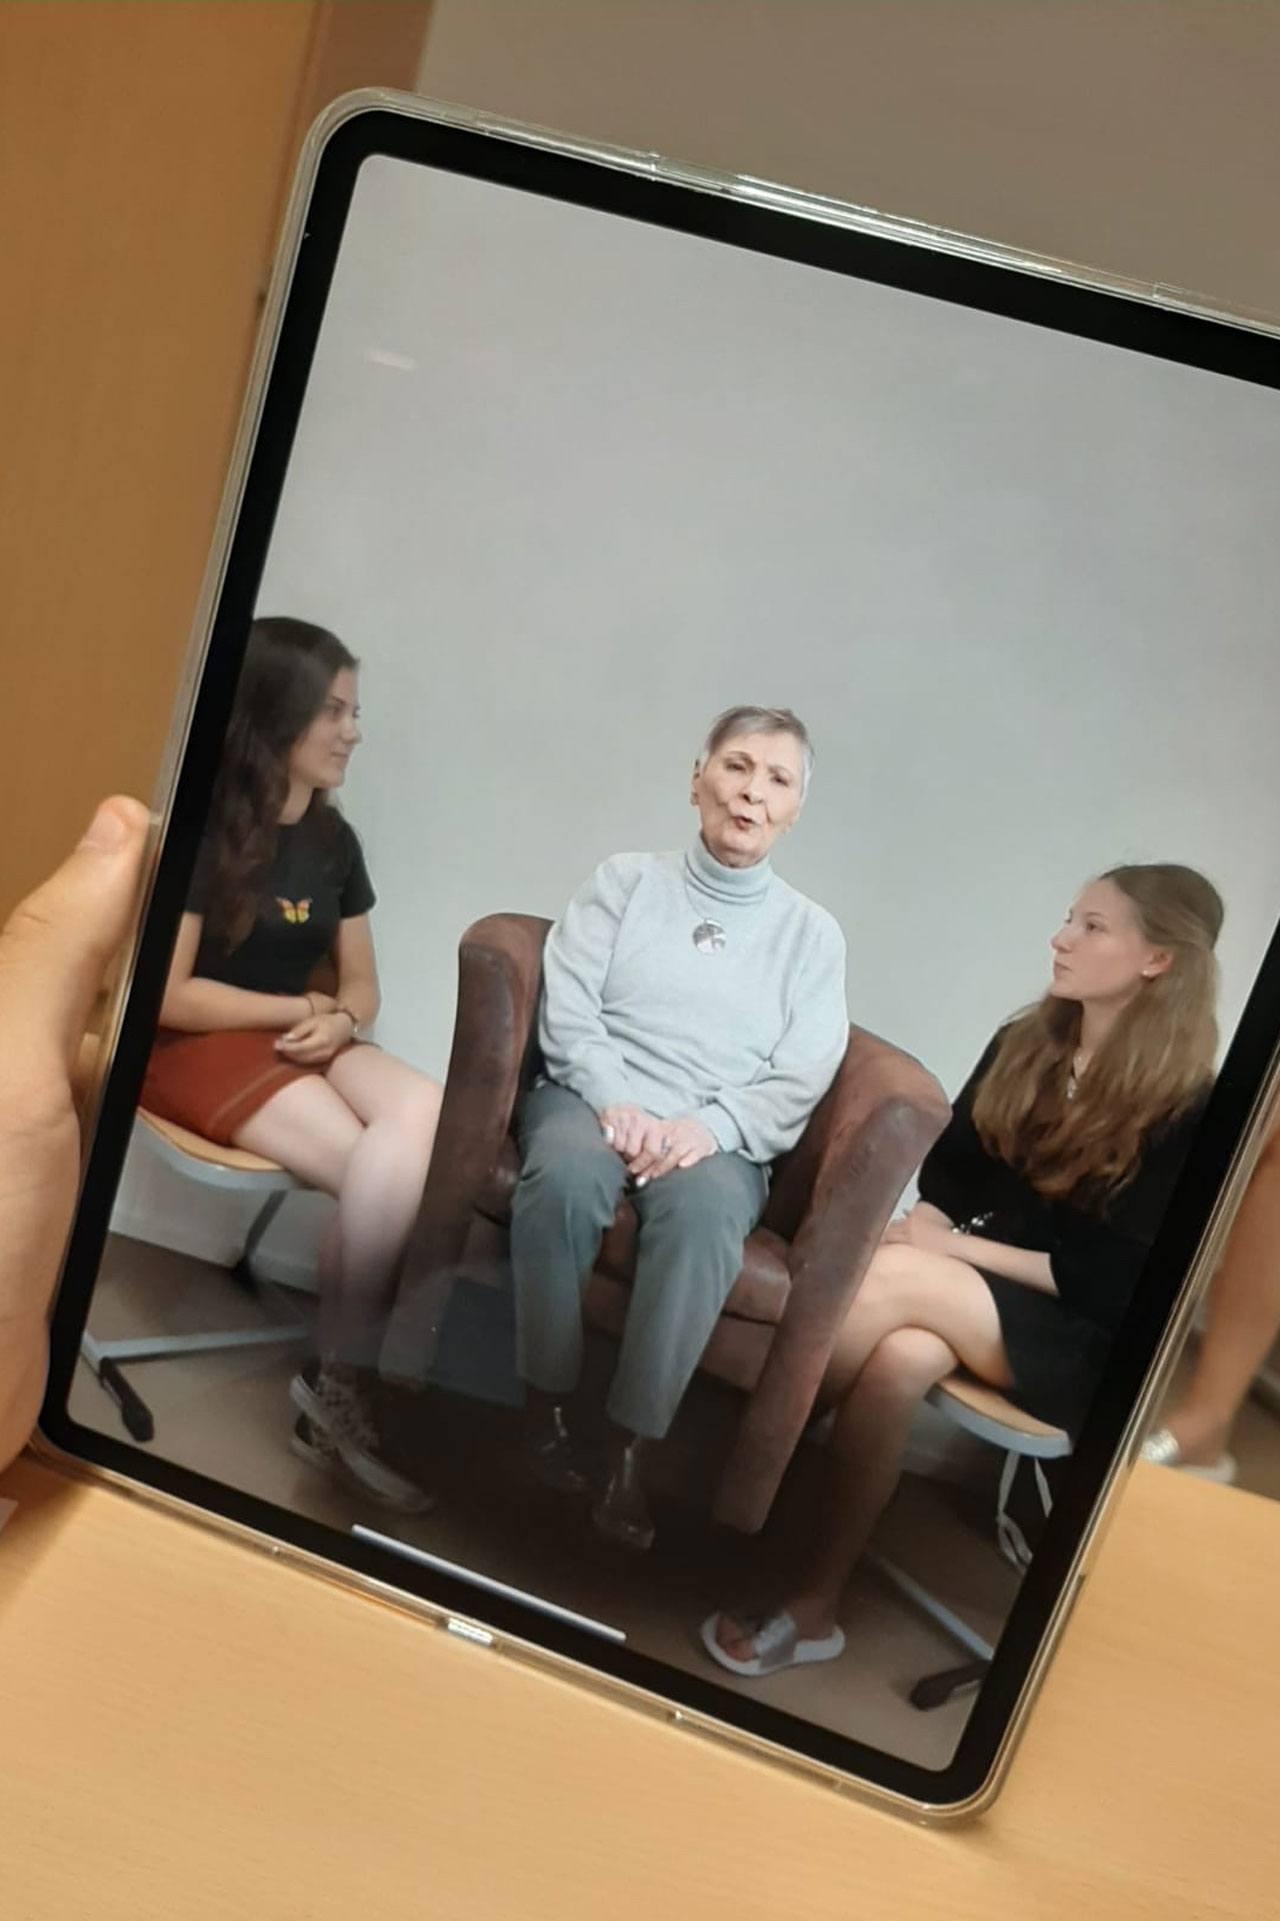 iPad, auf dem drei Frauen zu sehen sind, die sich unterhalten